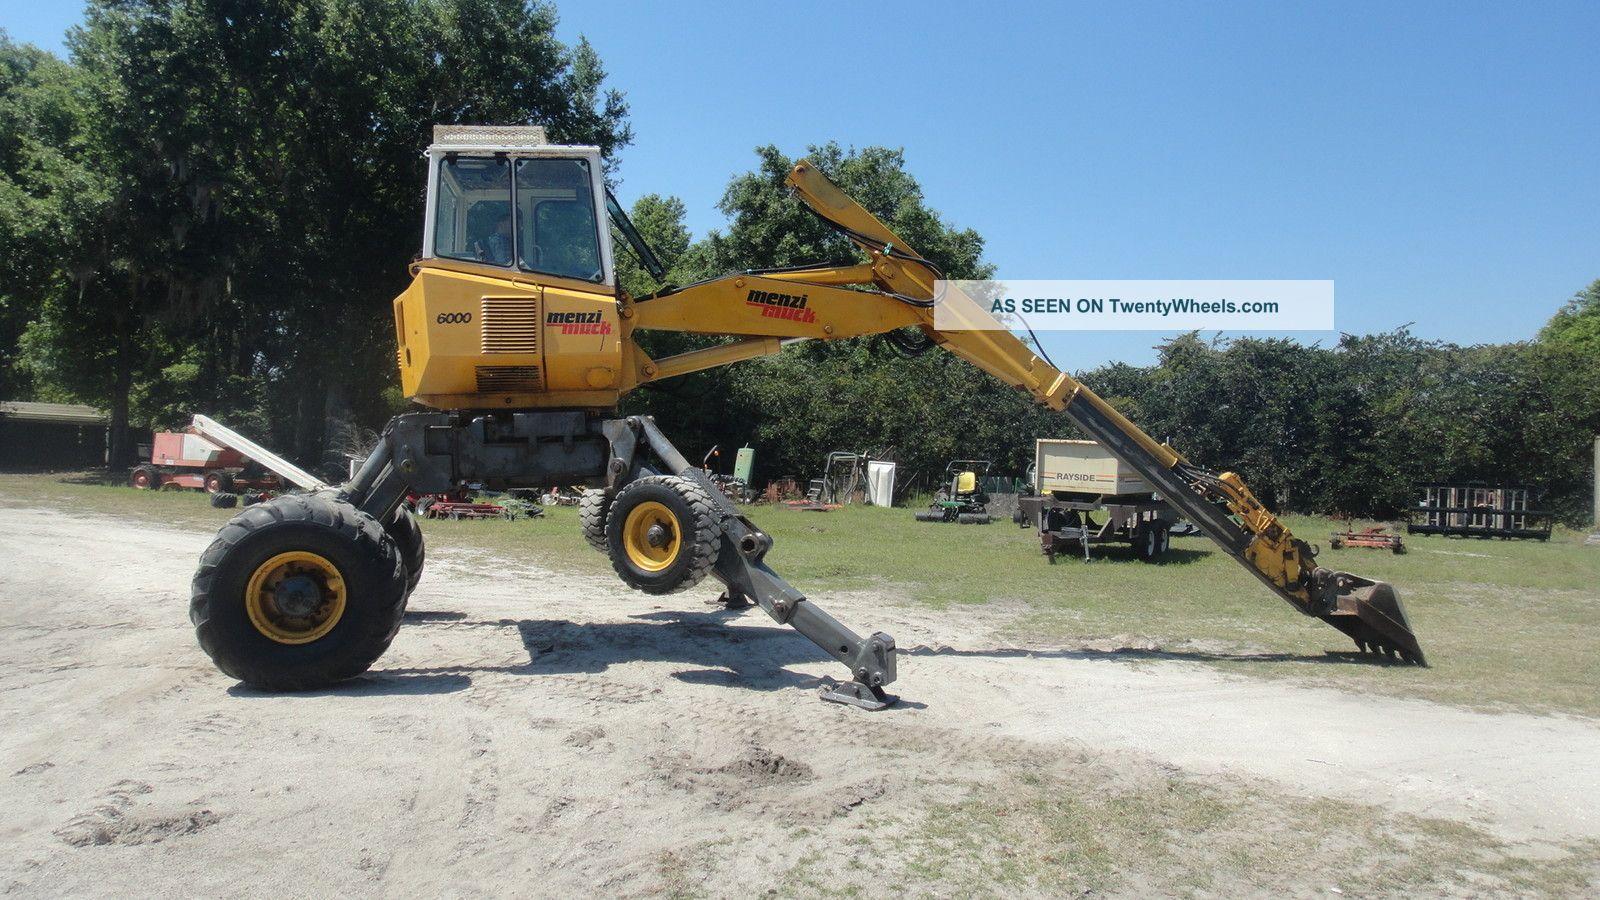 Menzi Muck 6000 Walking Excavator Excavators photo